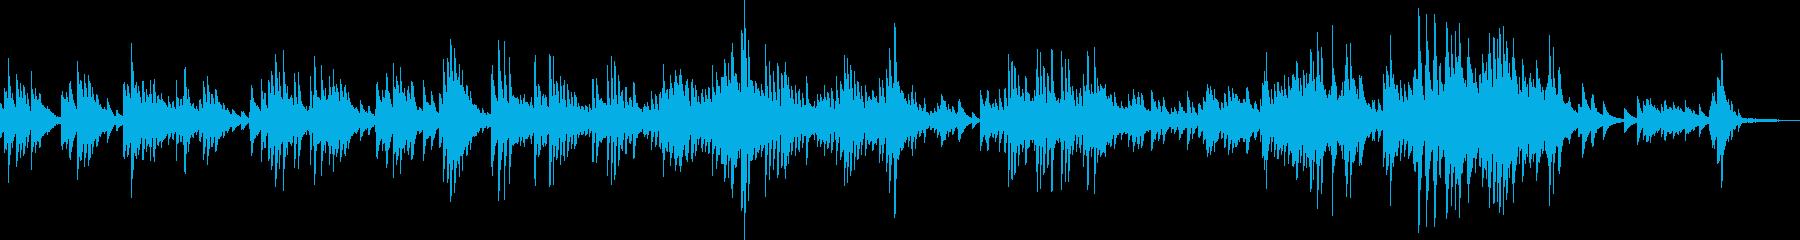 喪失(ピアノソロ・後悔・切ない・涙)の再生済みの波形